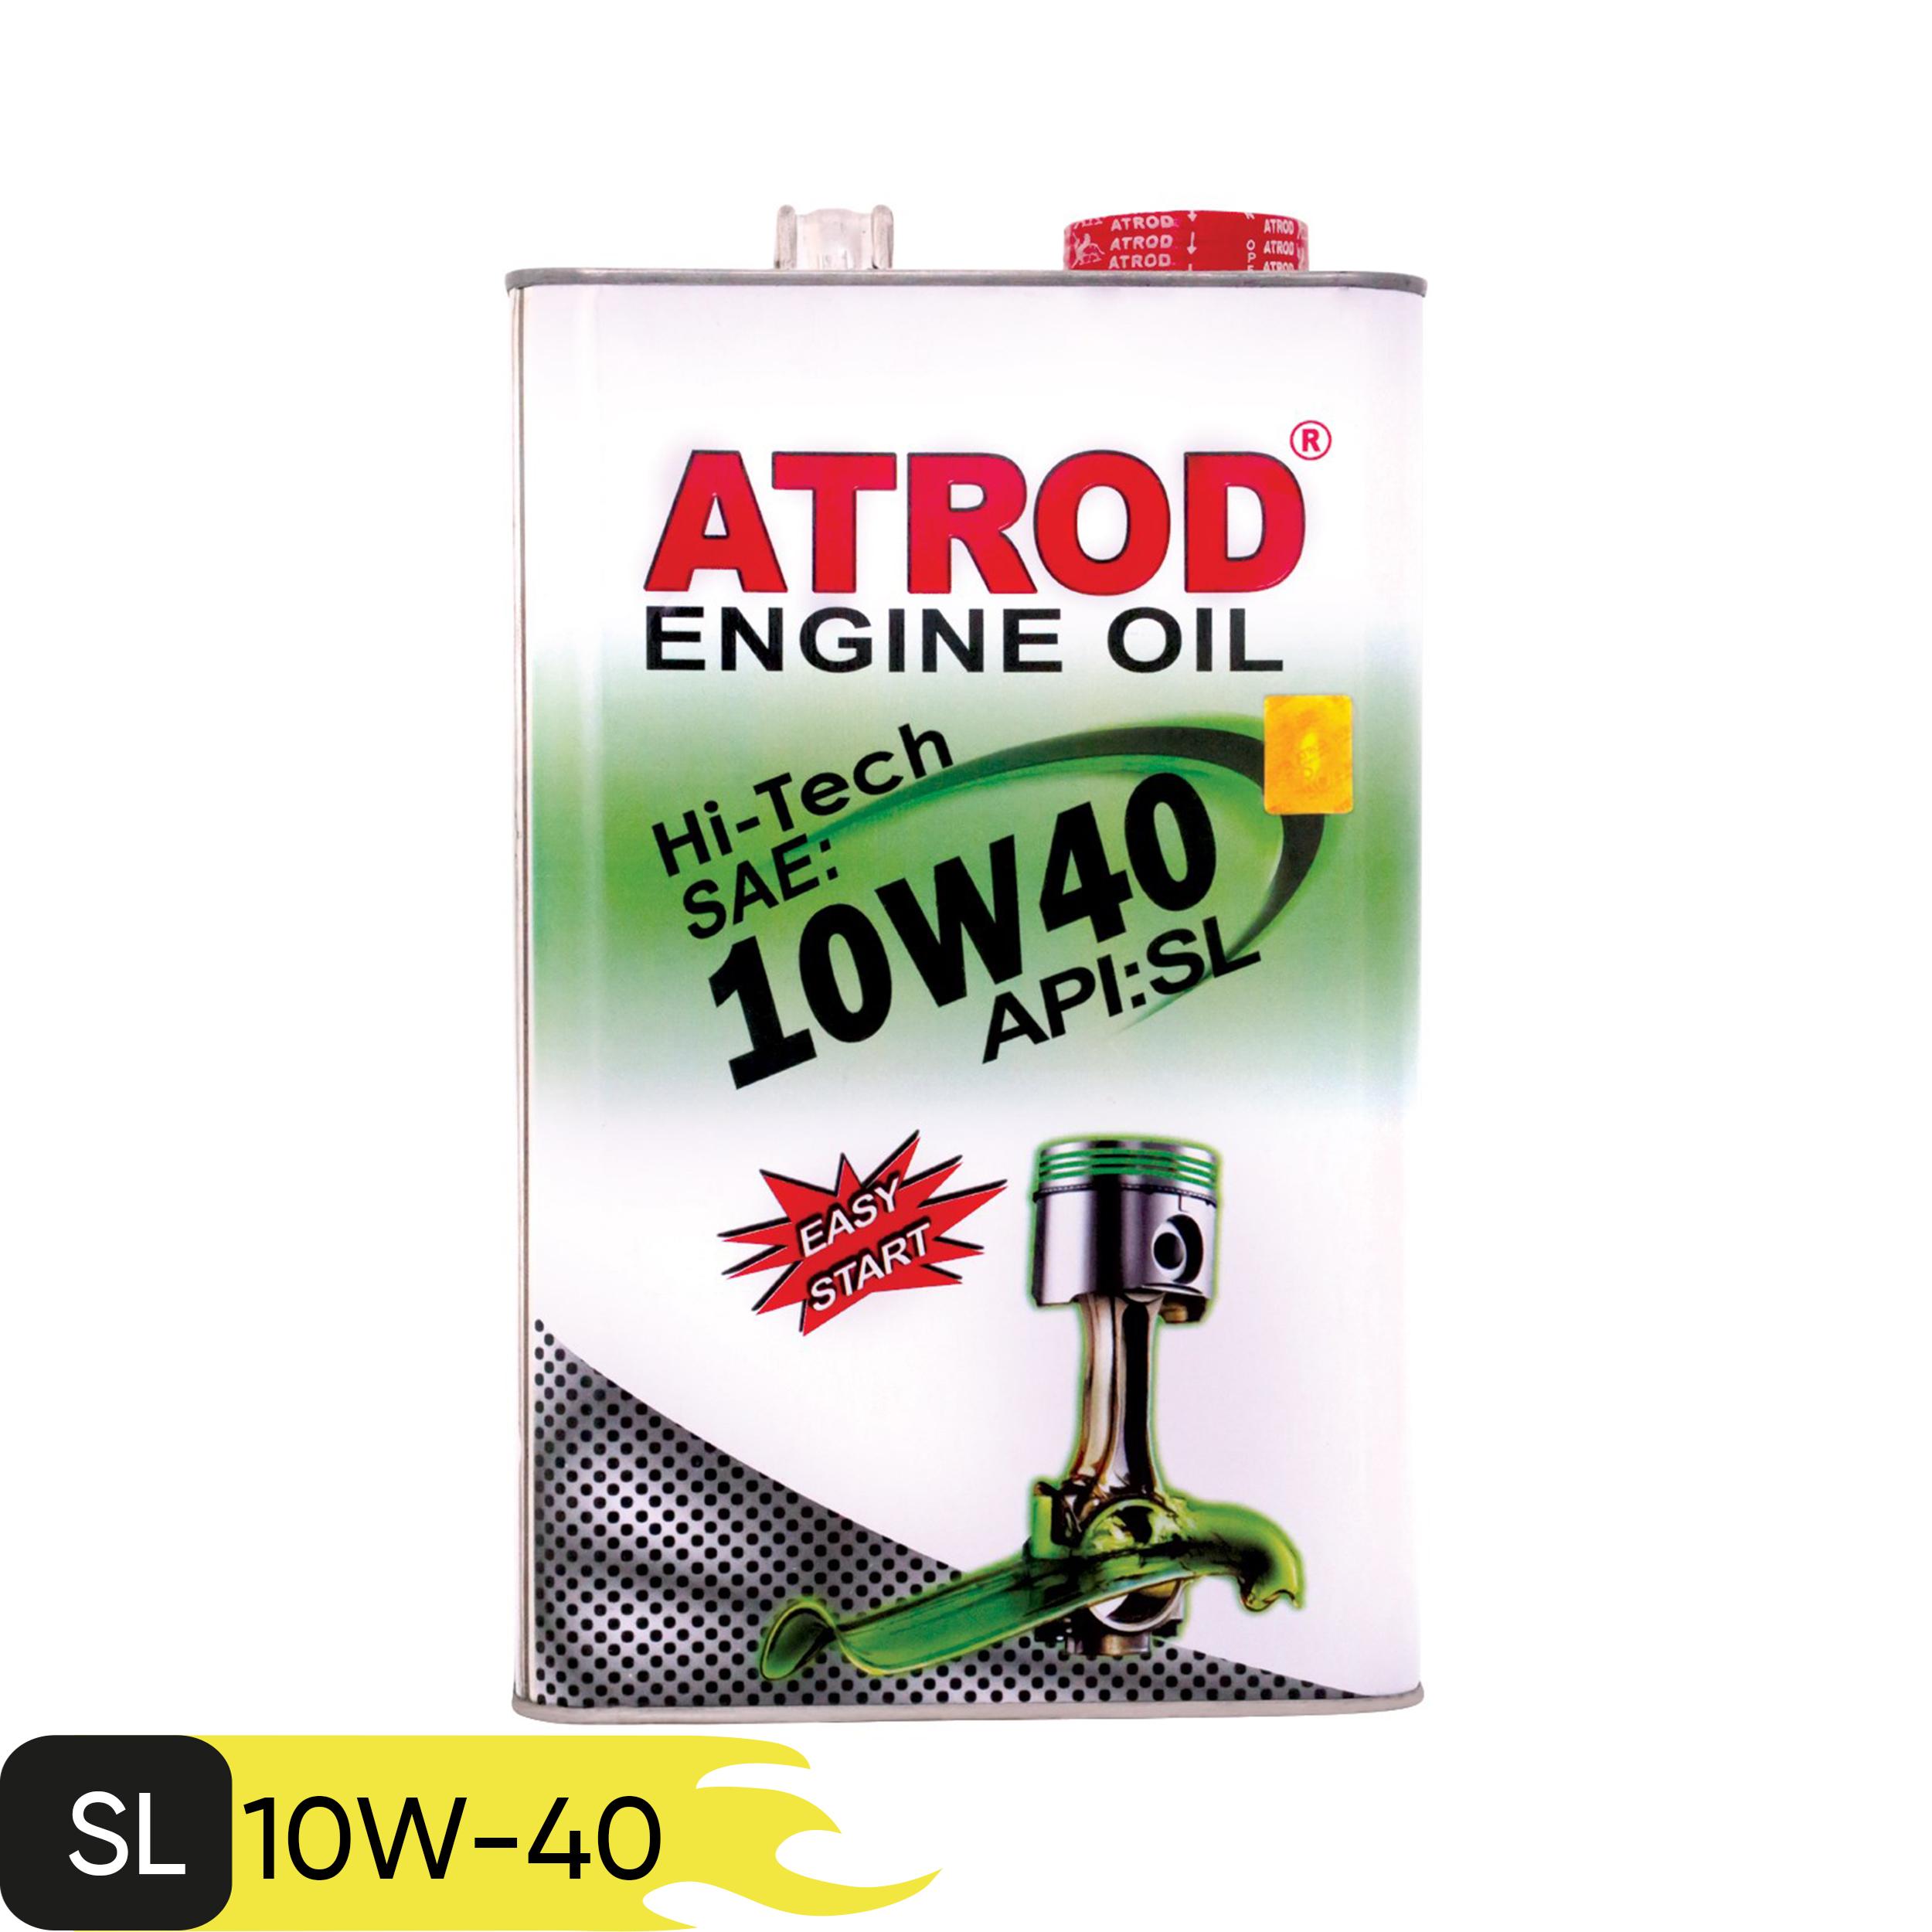 روغن موتور خودرو آترود مدل Hi-Tech 10w40 ظرفیت 4 لیتر